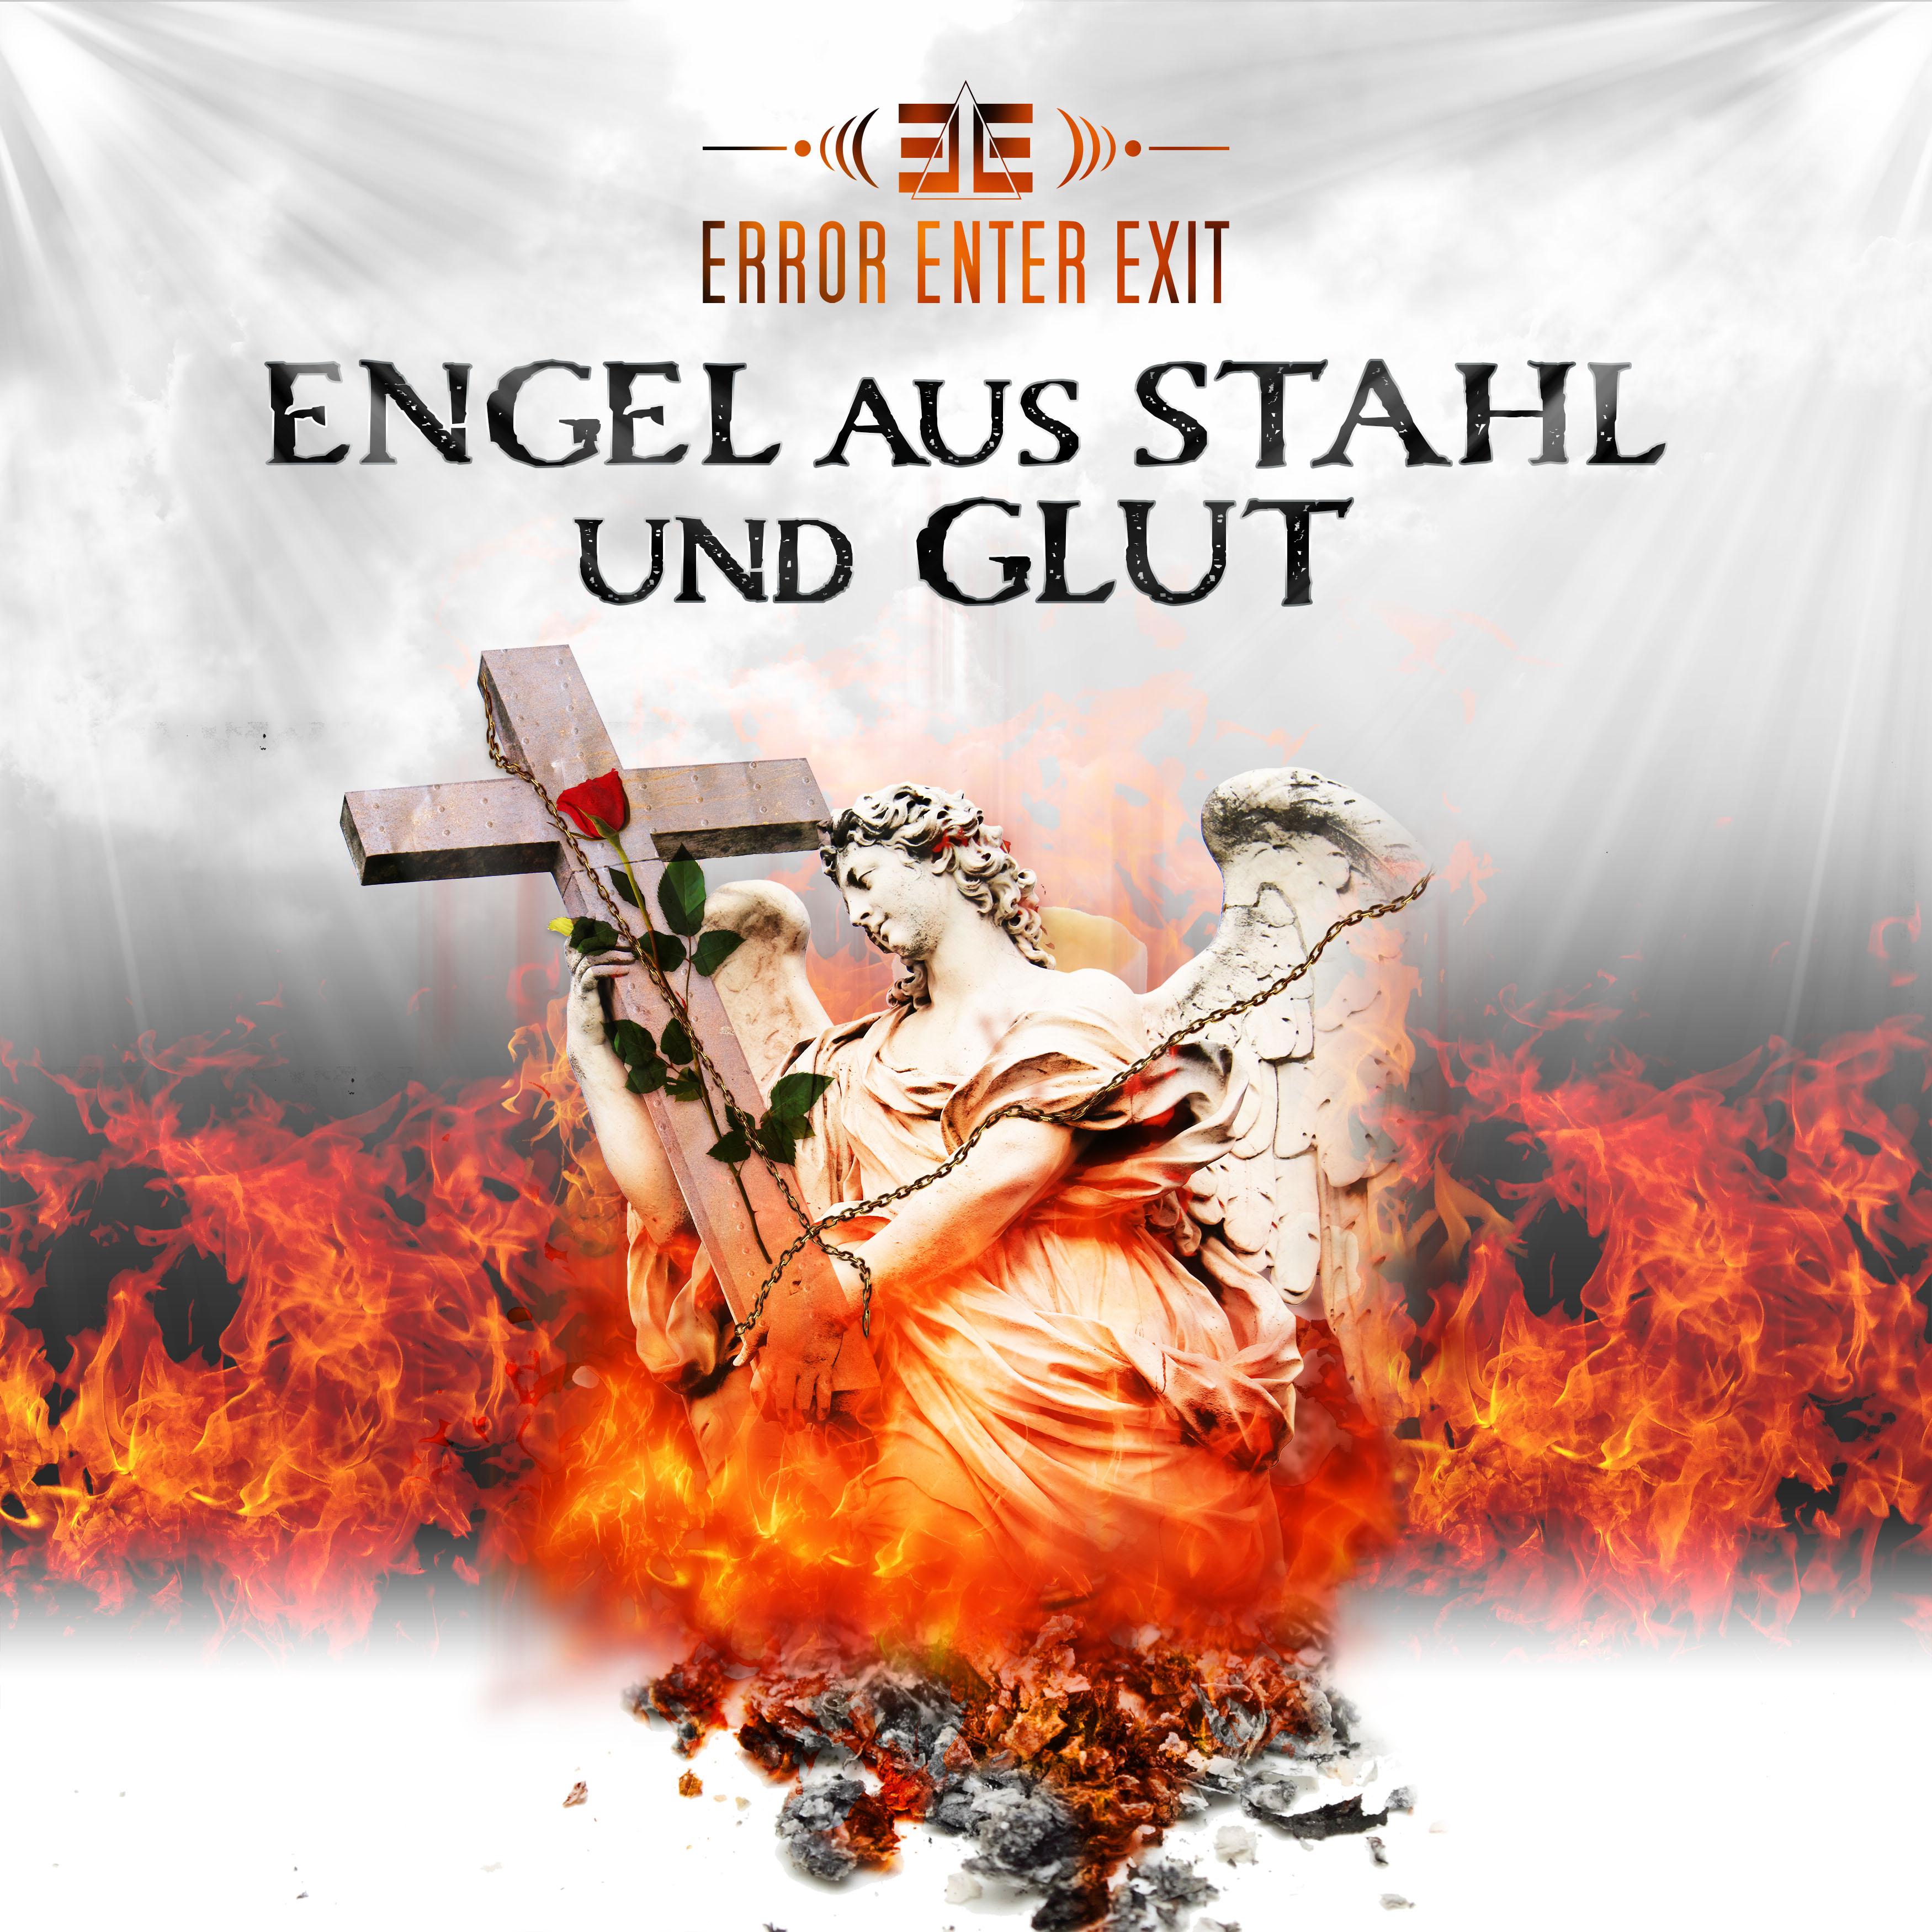 Error Enter Exit - Engel aus Stahl und Glut - Error Enter Exit - Engel aus Stahl und Glut